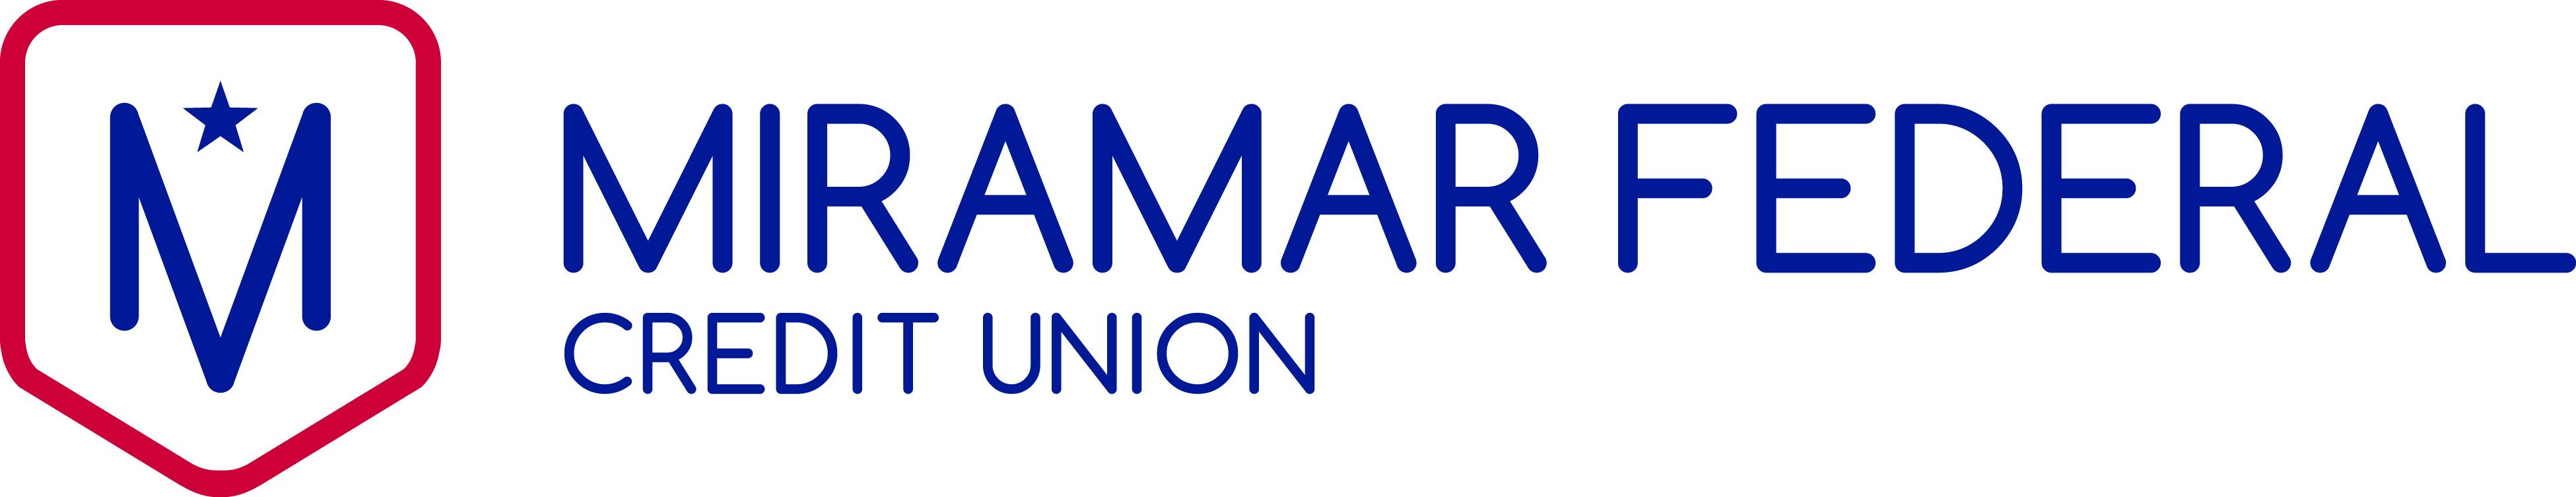 Miramar Federal Credit Union